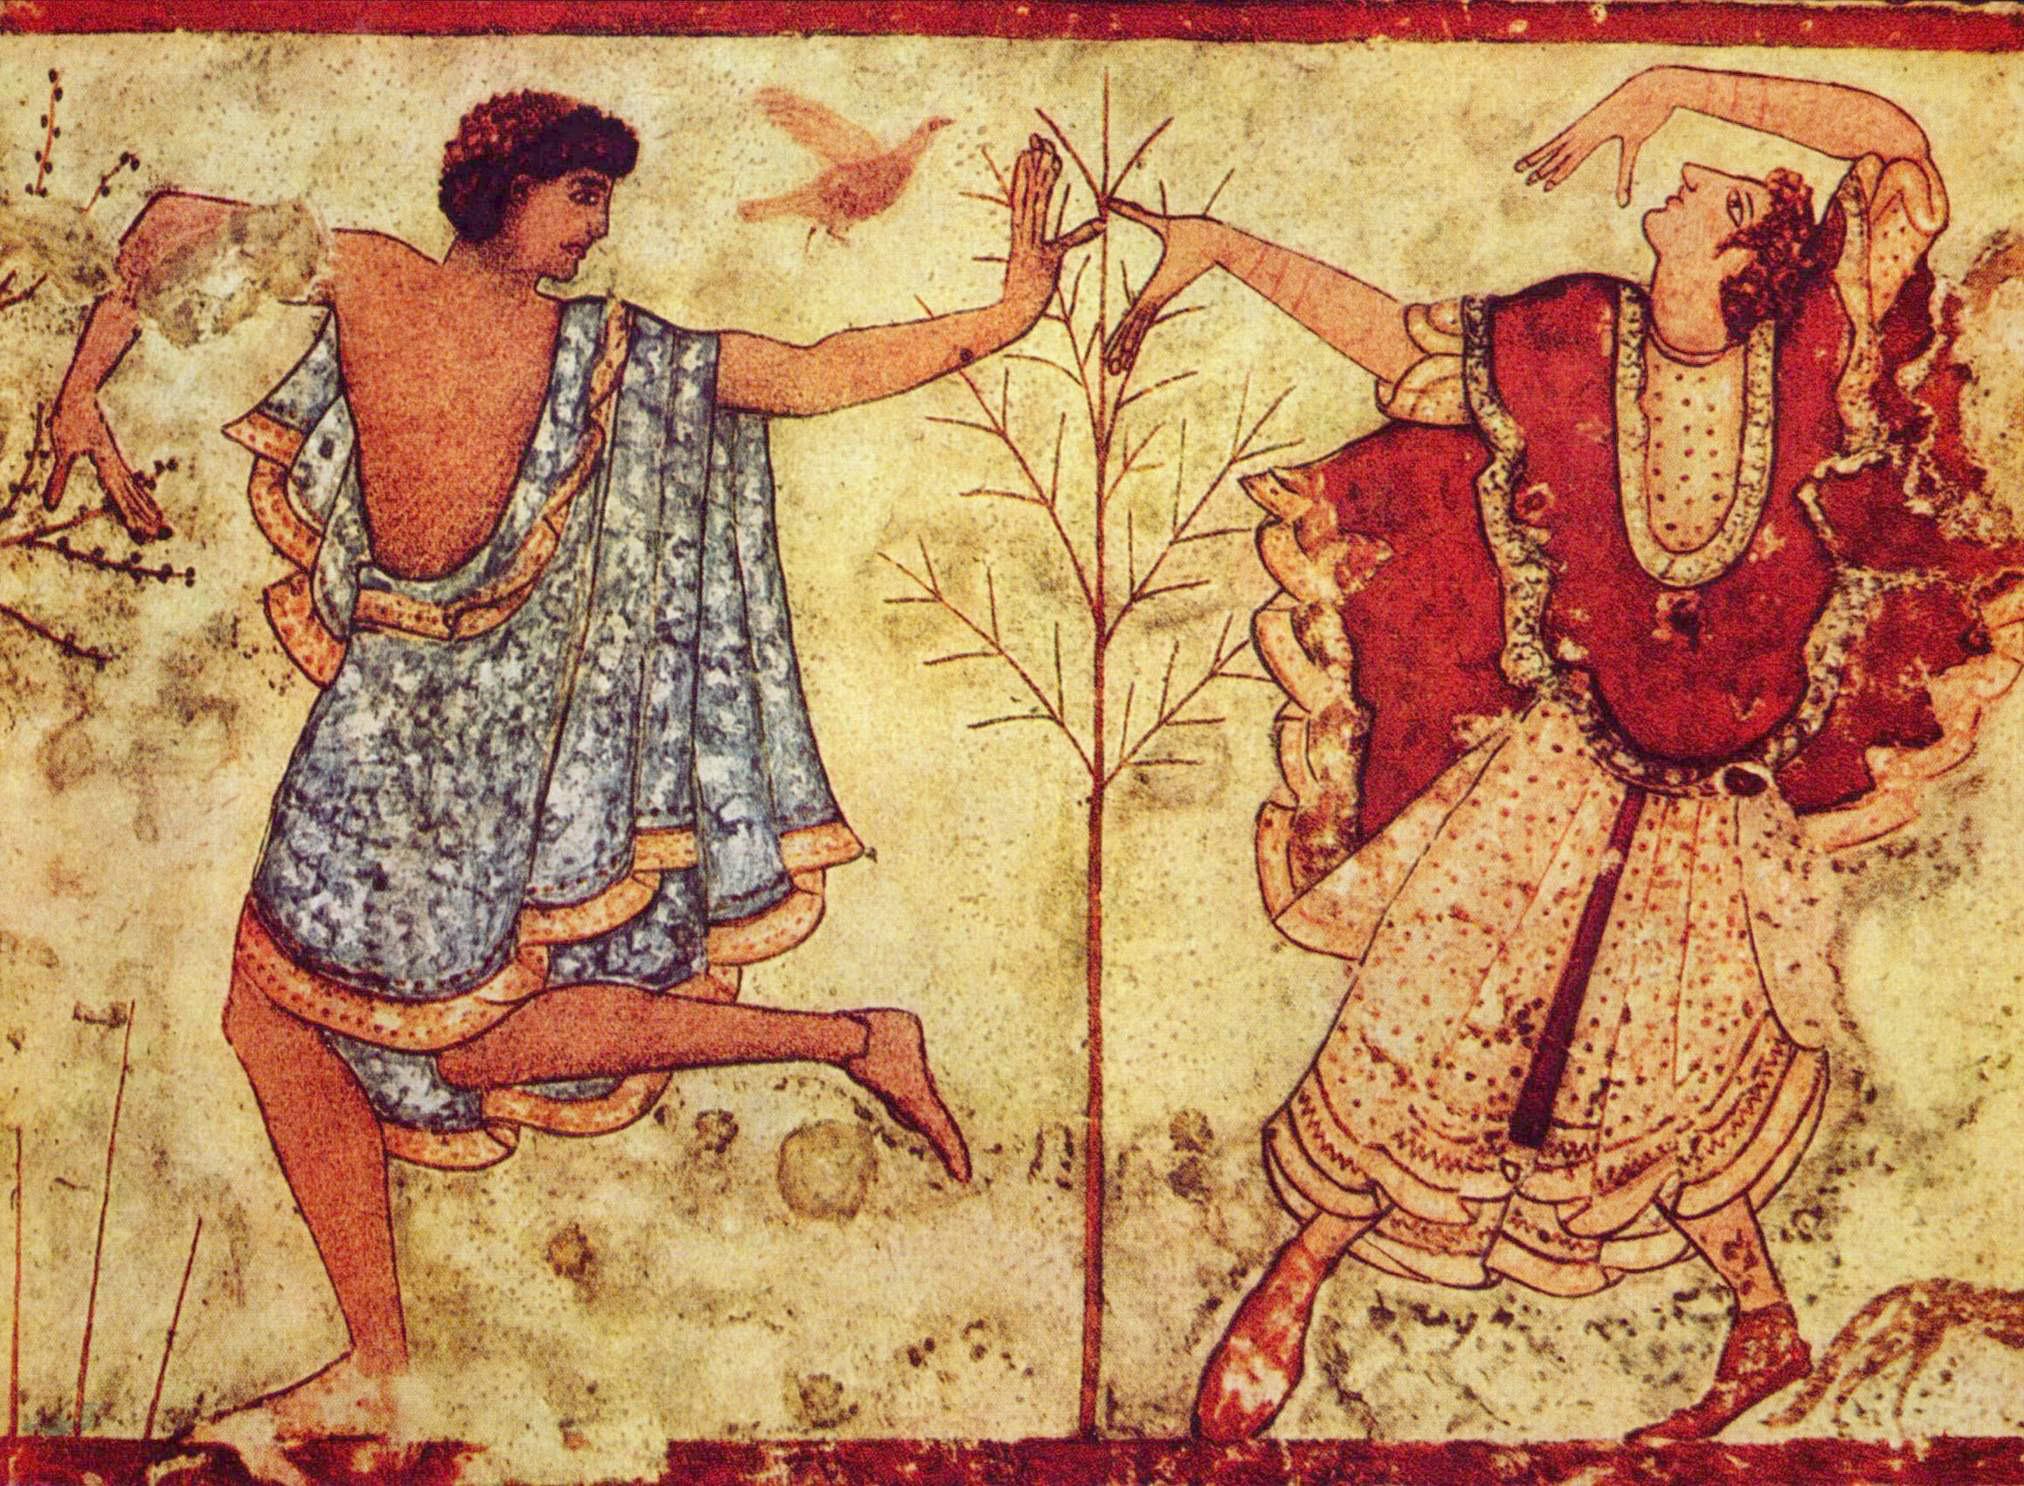 Gli Etruschi e la morte un rapporto complesso ma pieno di fascino